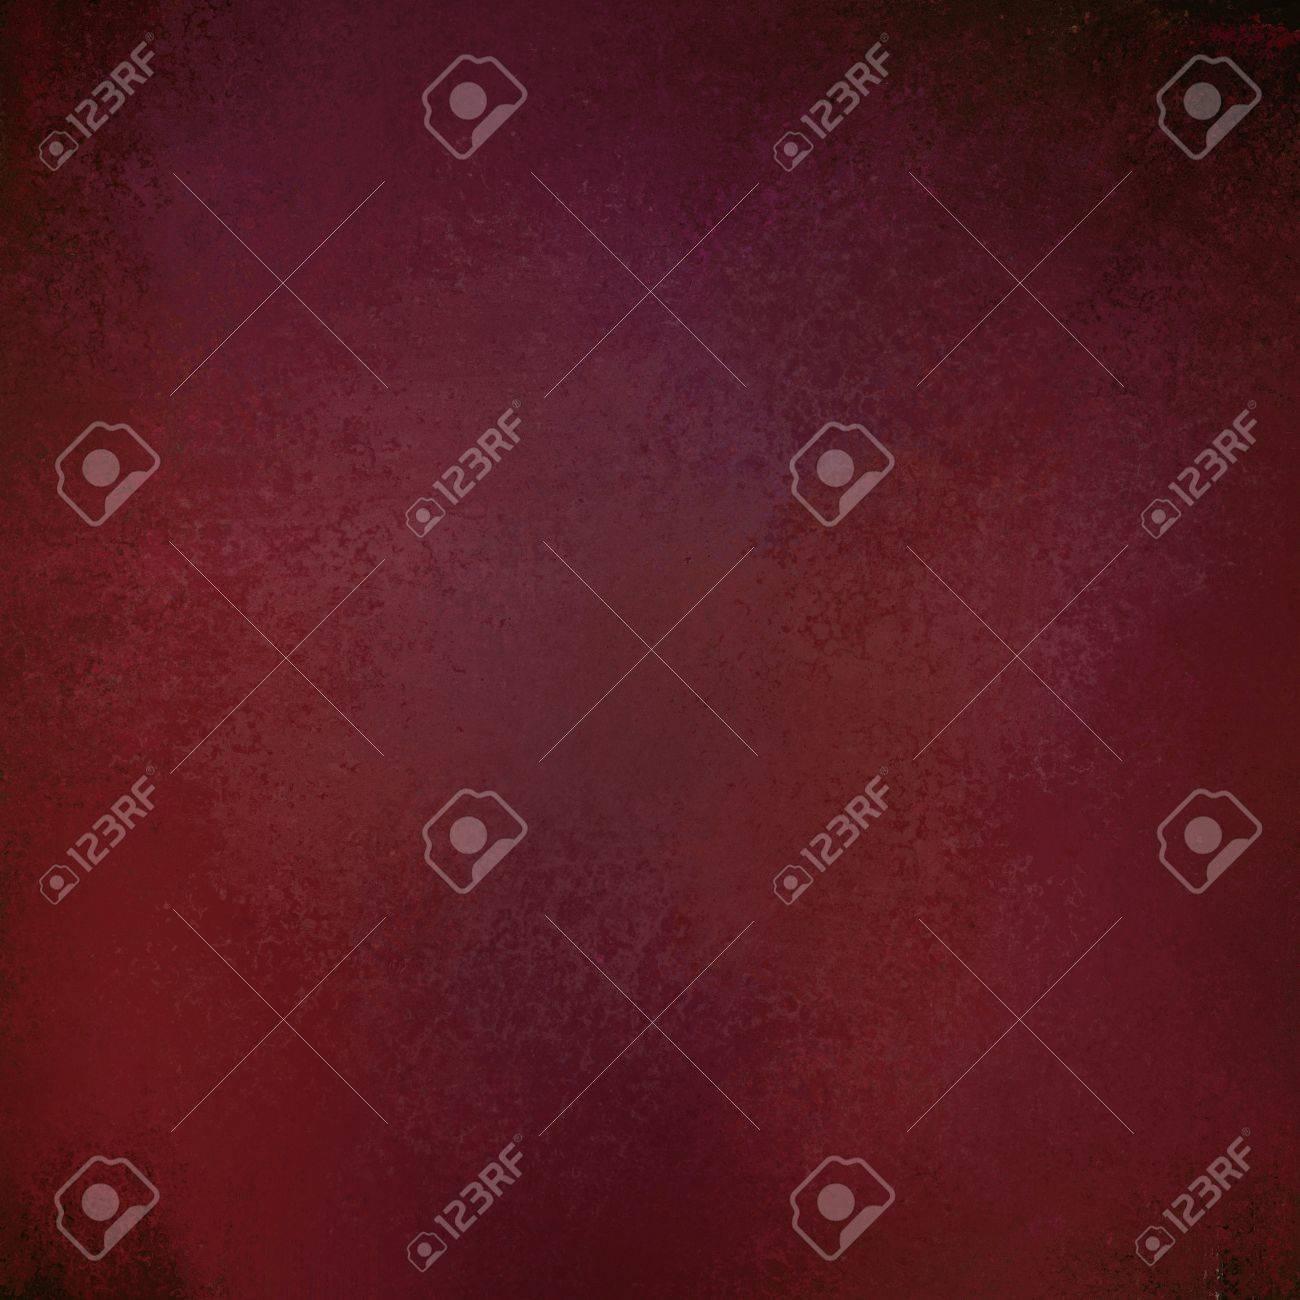 dark maroon pink red black grunge background texture, old vintage background - 73800190